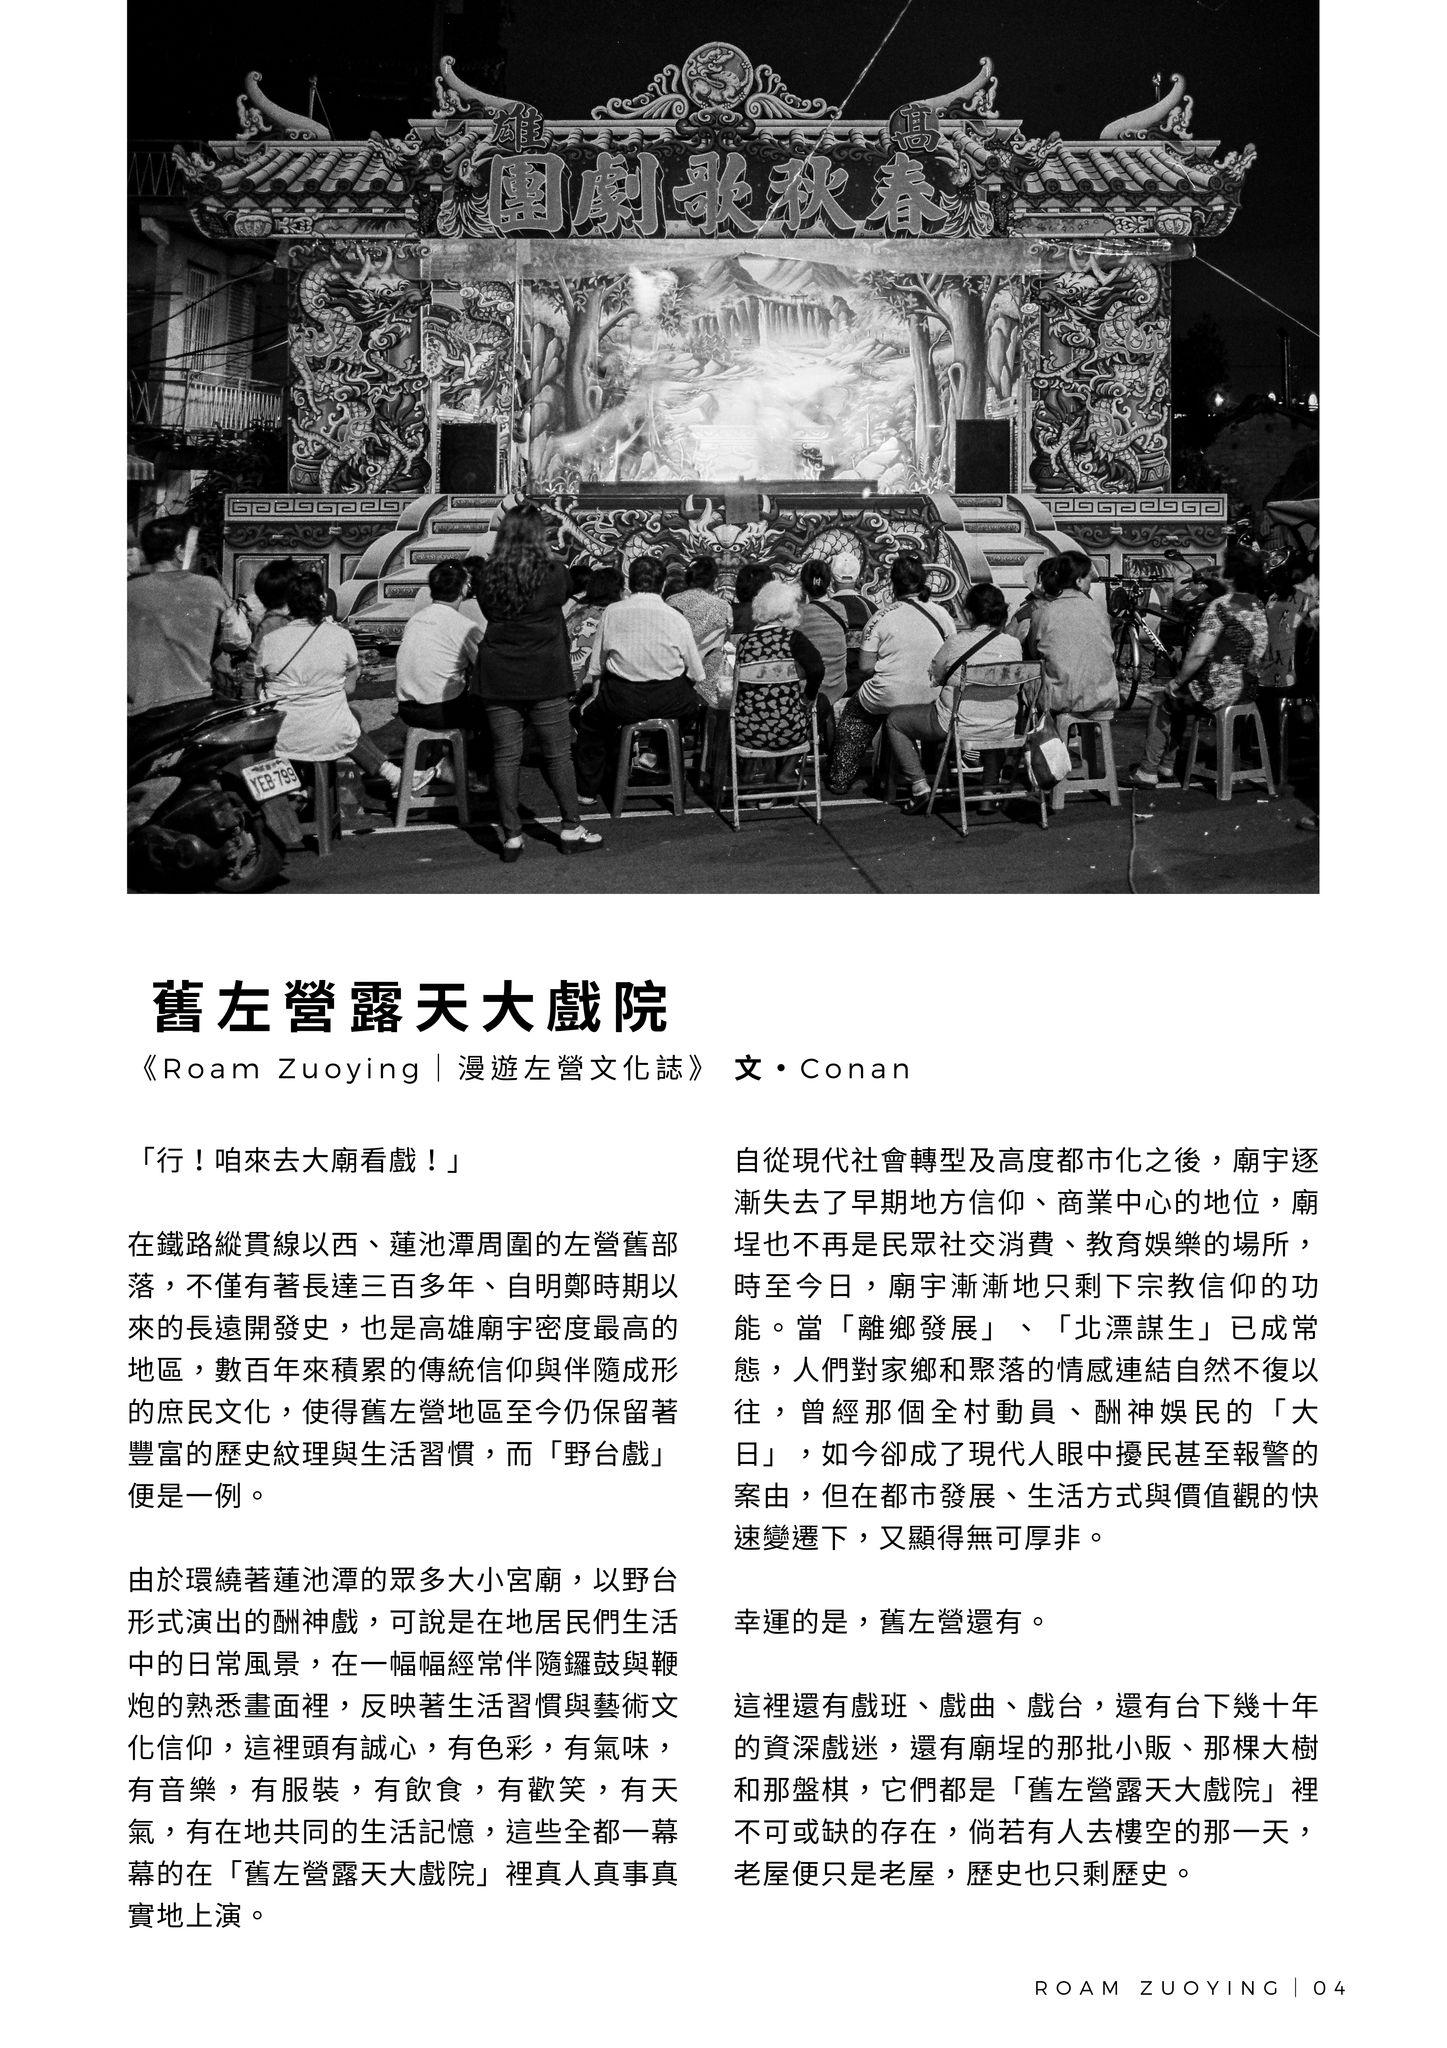 漫遊左營文化誌|Roam Zuoying Issue07 - 舊左營露天大戲院